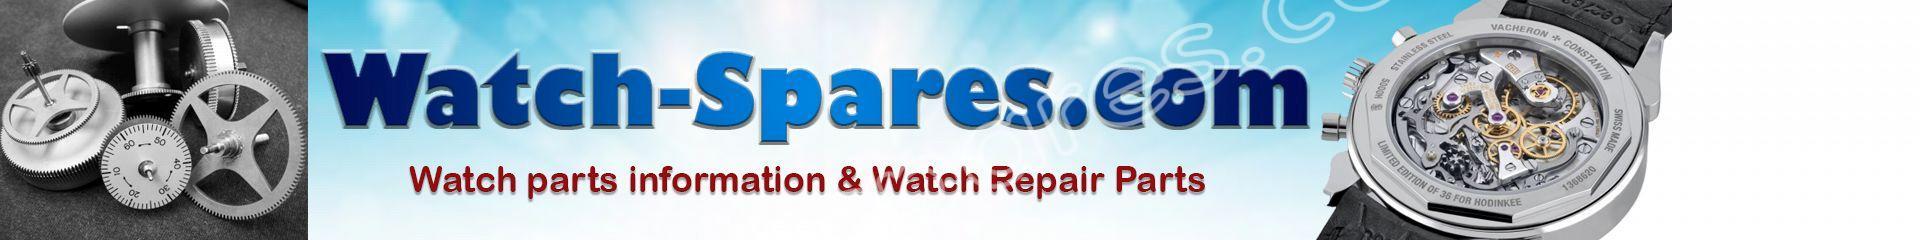 watch-spares.com